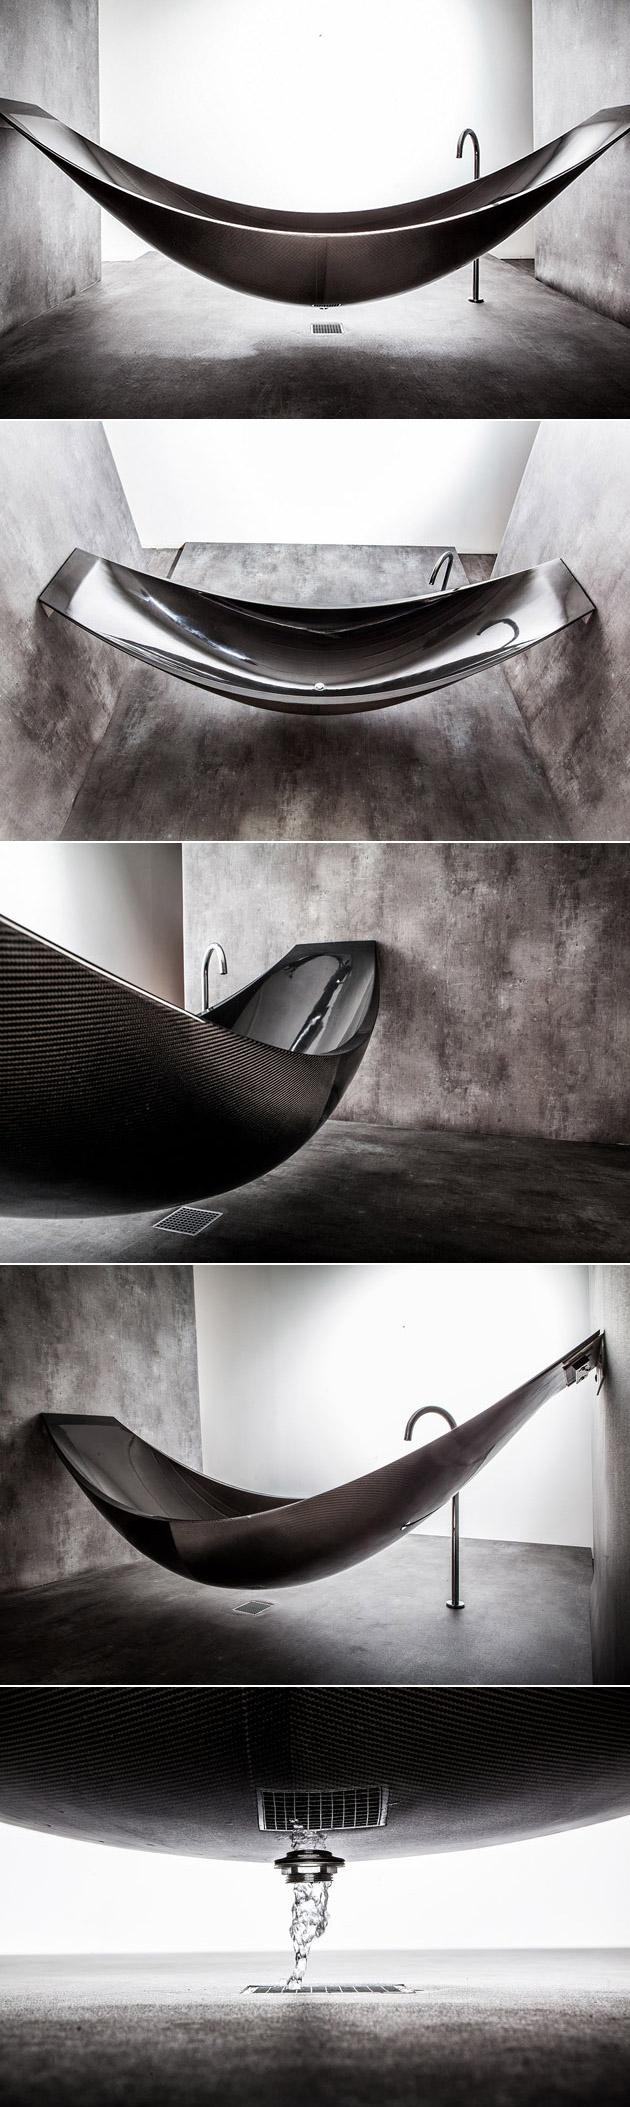 Forget normal tubs the carbon fiber vessel hammock for Carbon fiber hammock bathtub